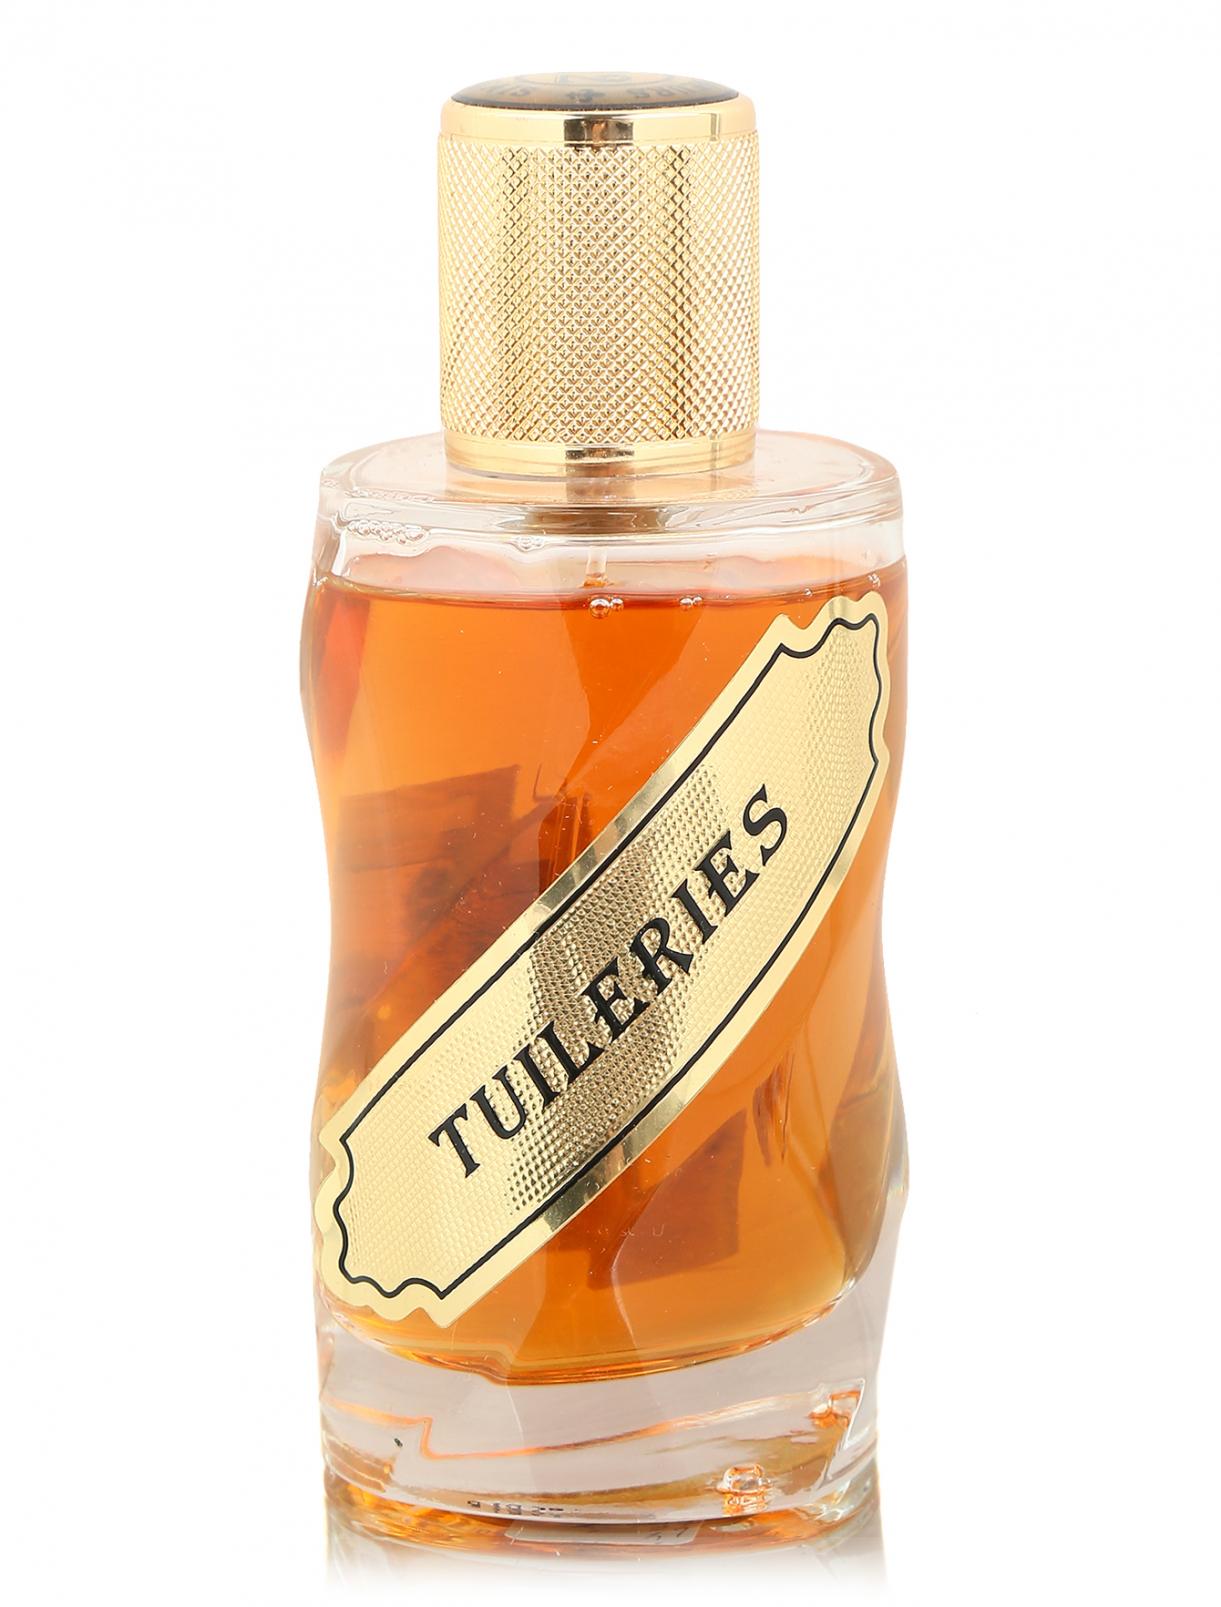 Парфюмерная вода 100 мл TUILERIES Royal Jardins 12 Parfumeurs Francais  –  Общий вид